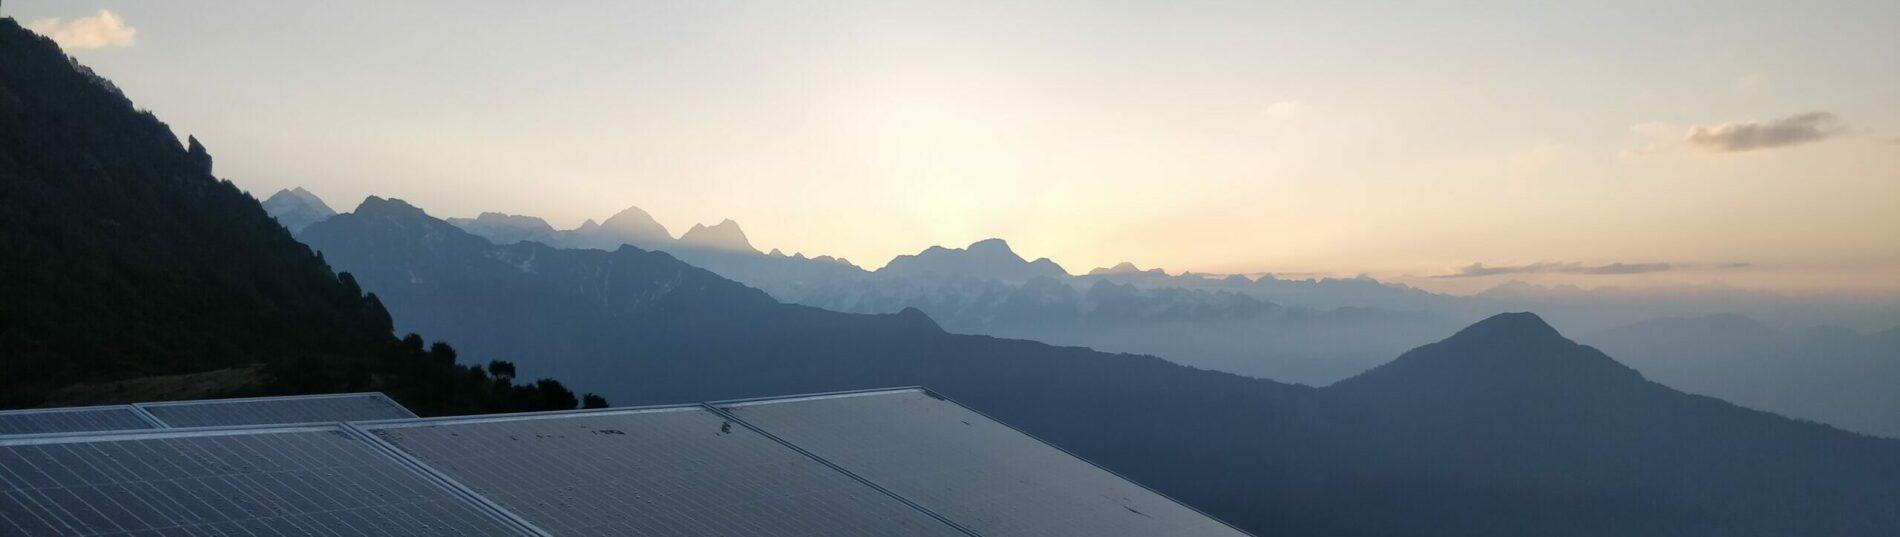 Aussicht über Nepals Landschaft im Morgengrauen